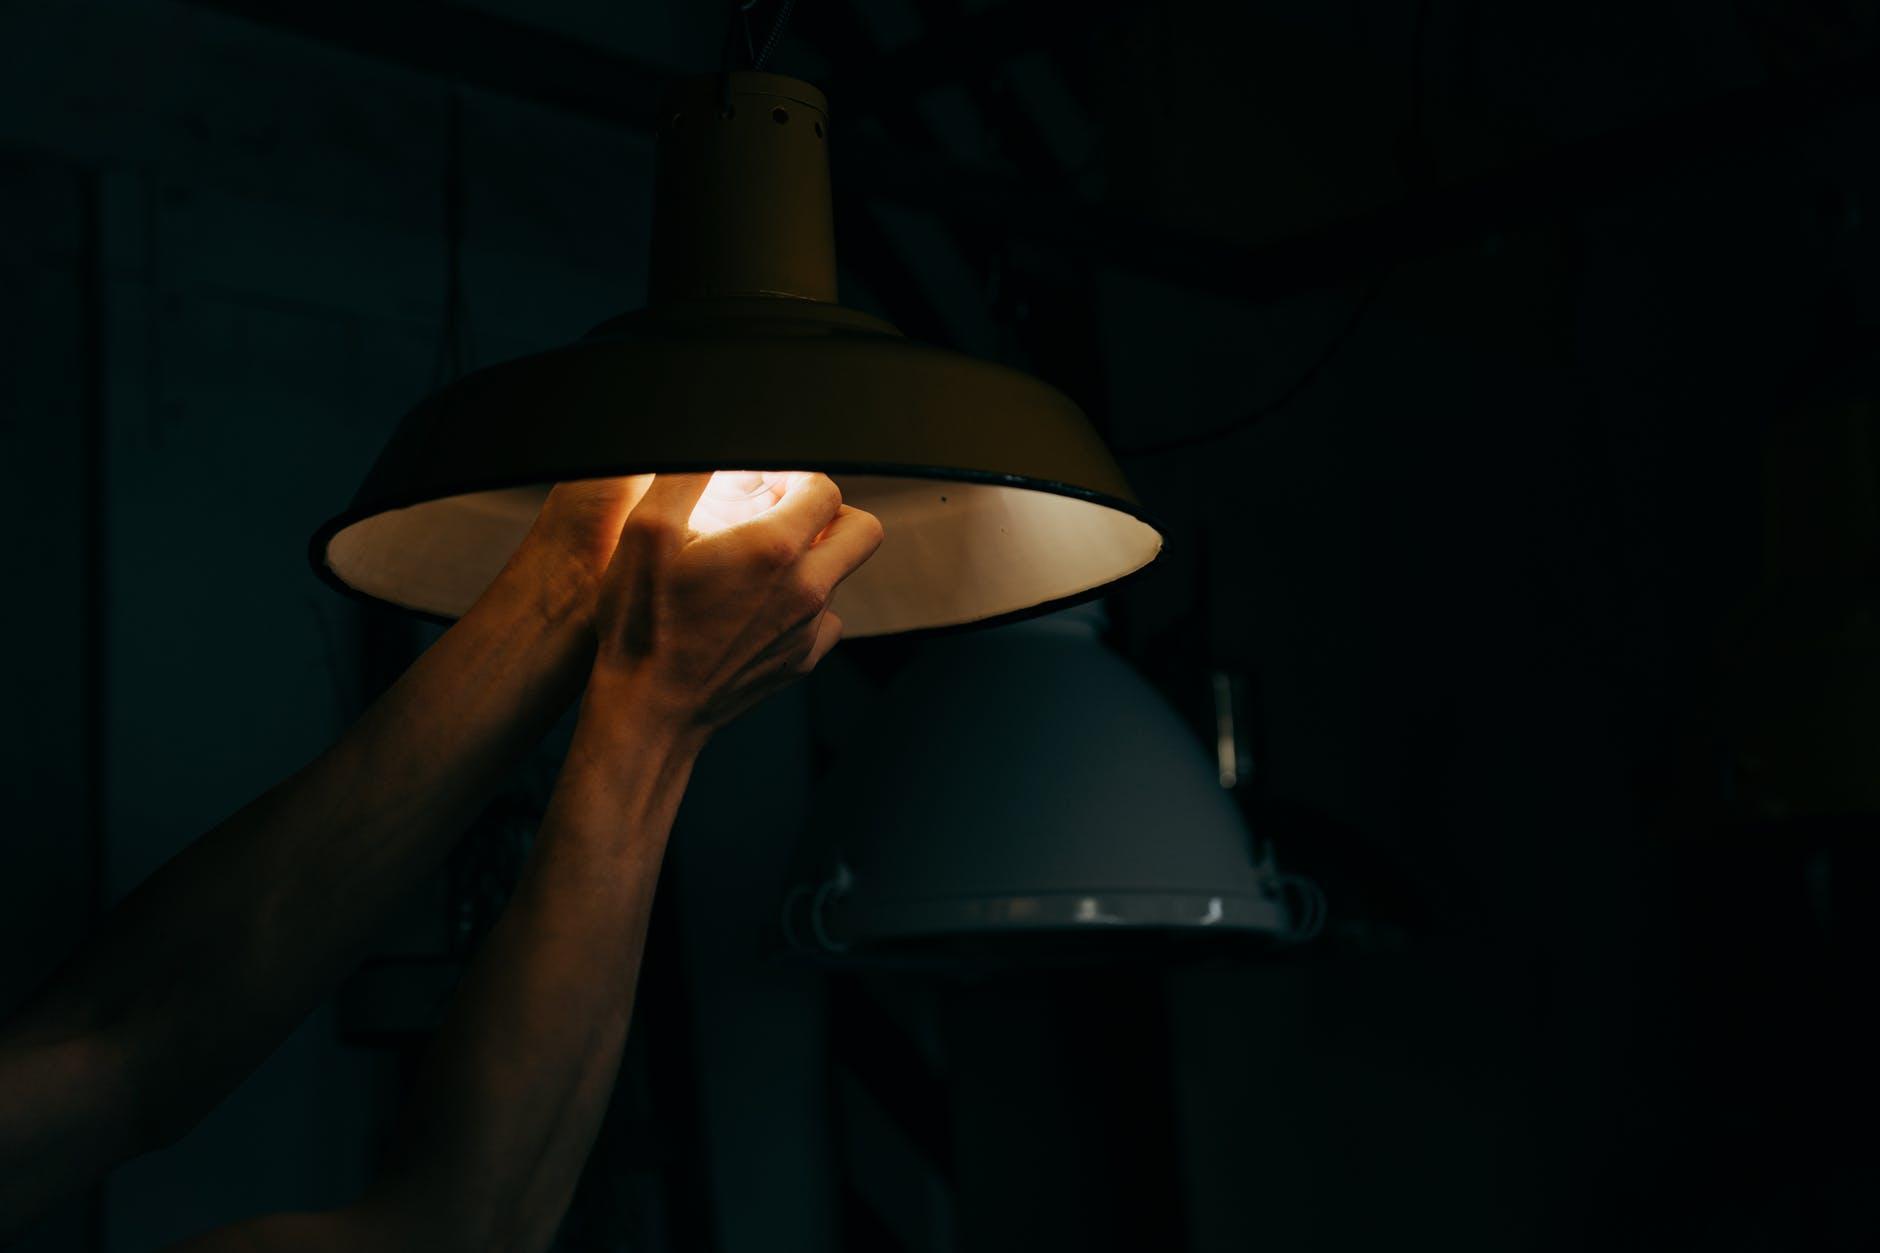 výmena žiarovky